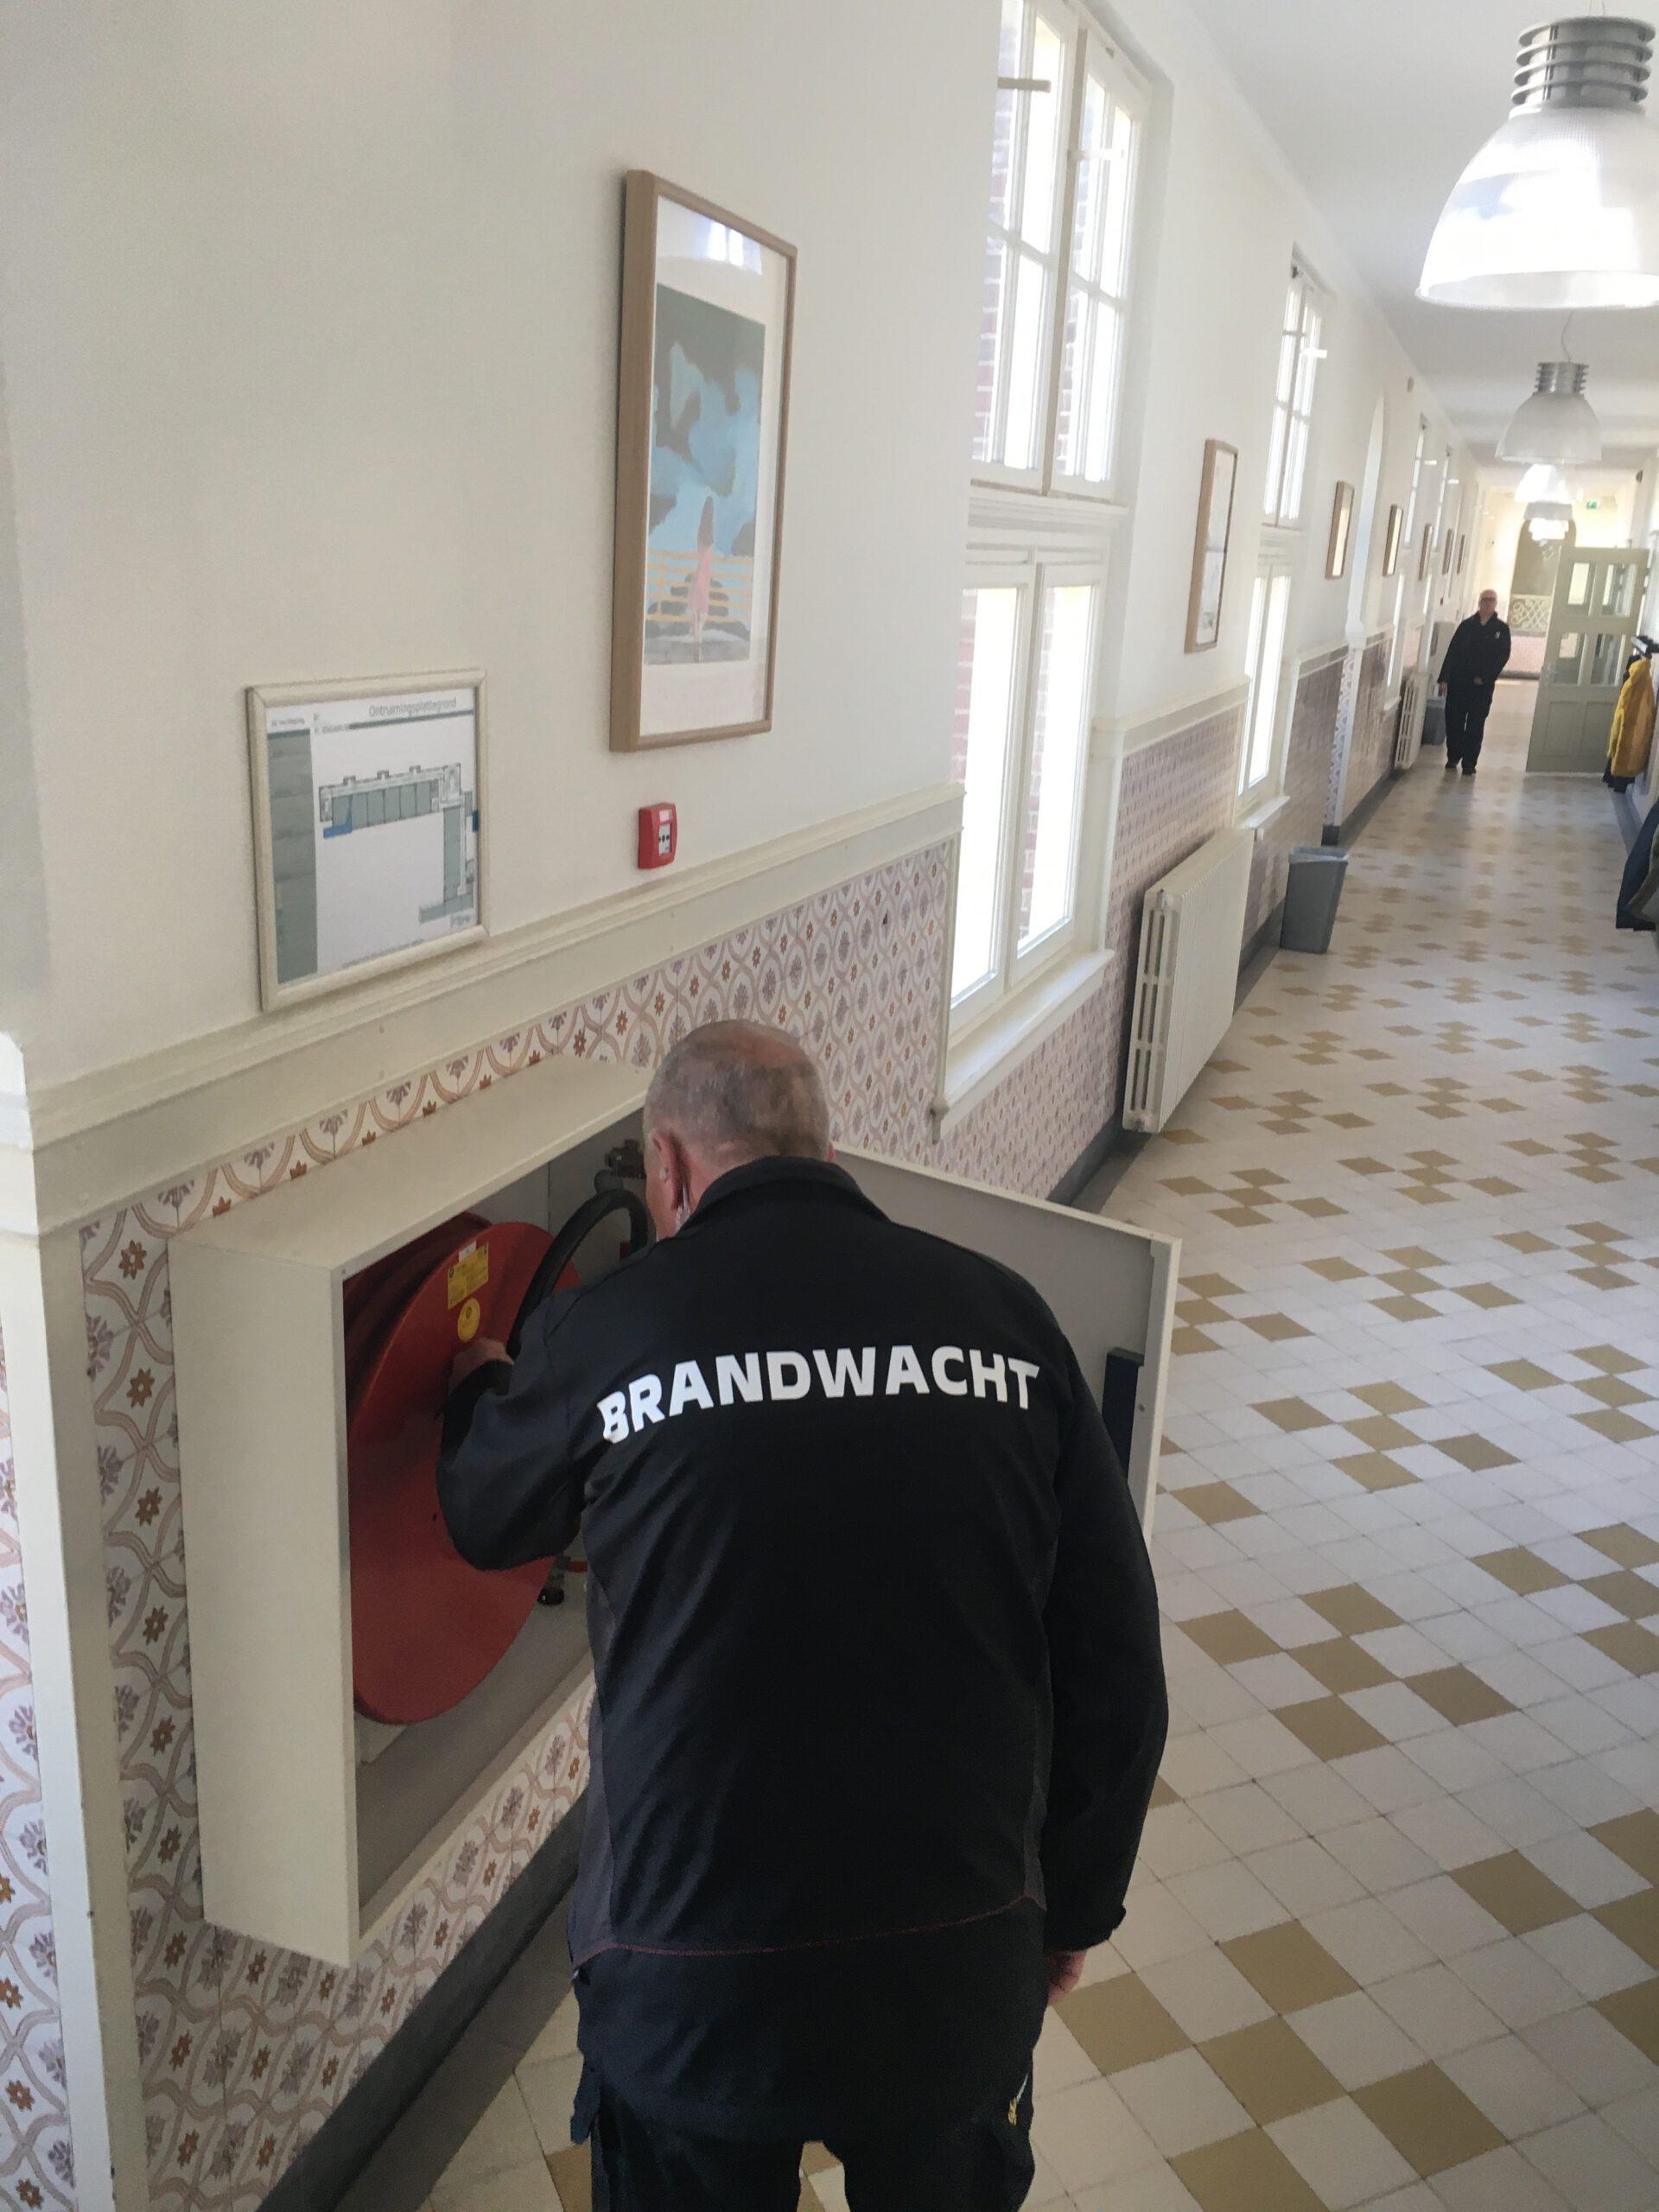 brandwachtenservice.nl - brandwachten industriële brandwachten rijksgediplomeerde